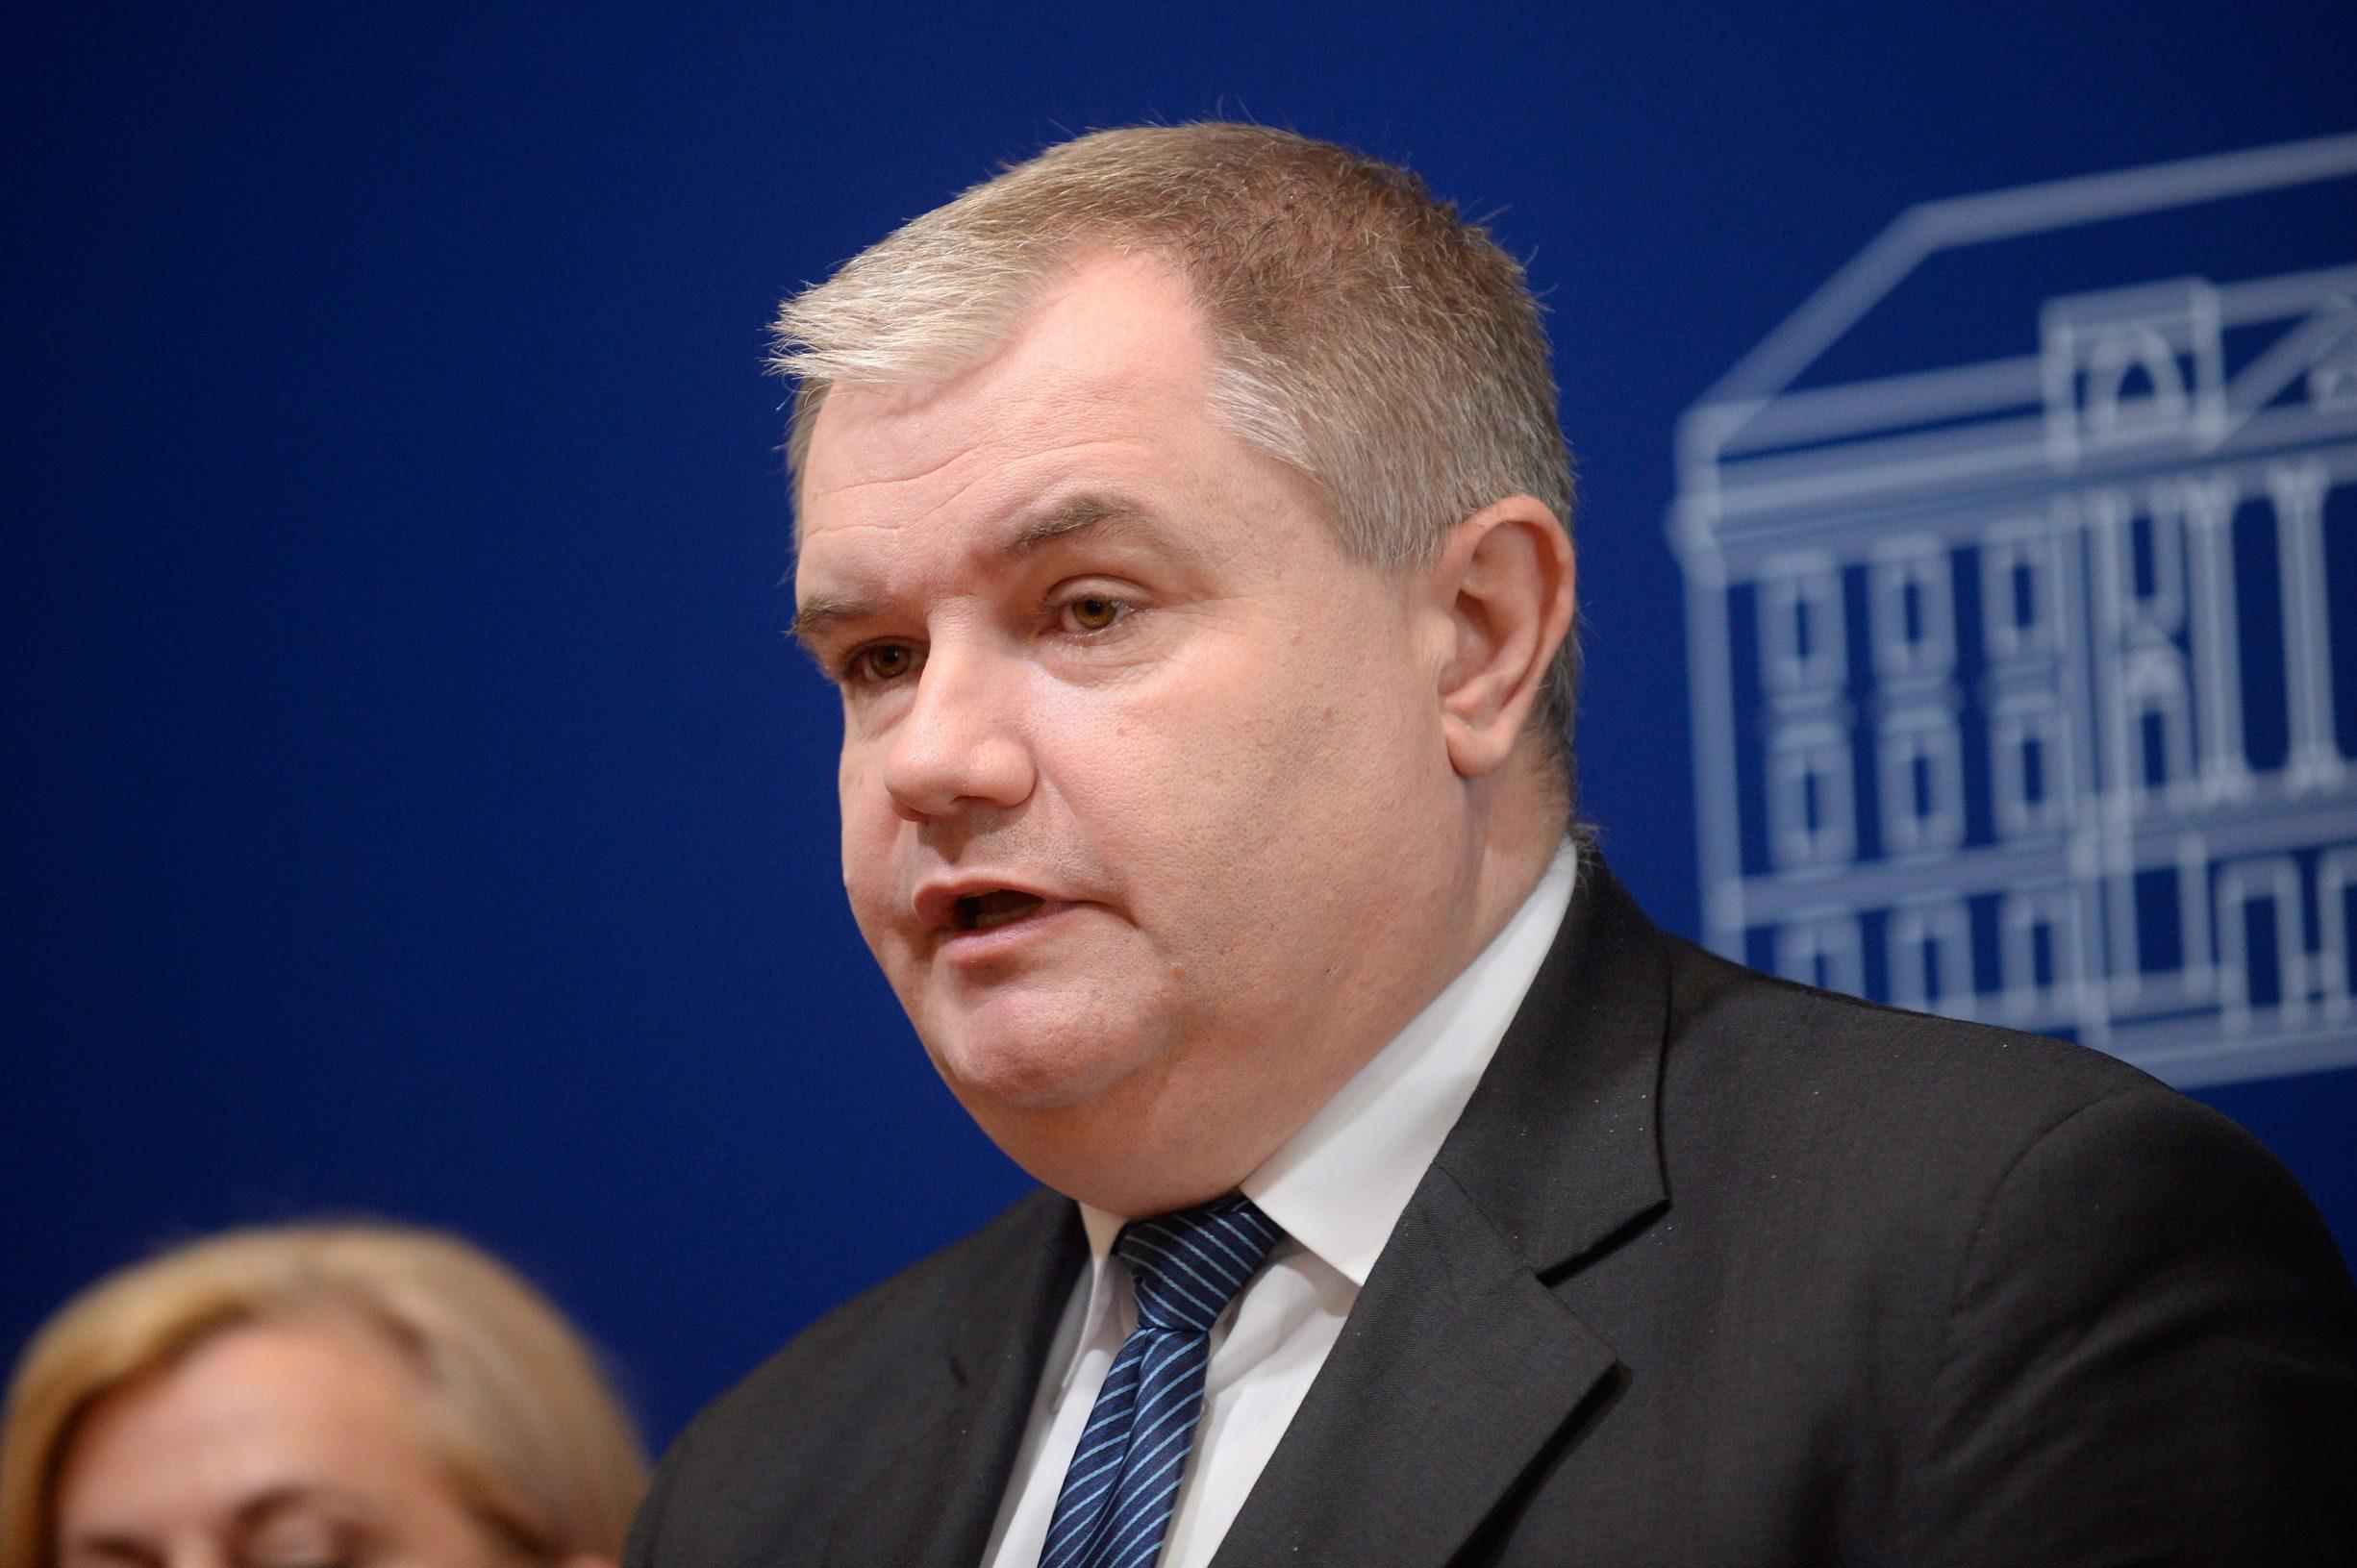 Robert Jankovics